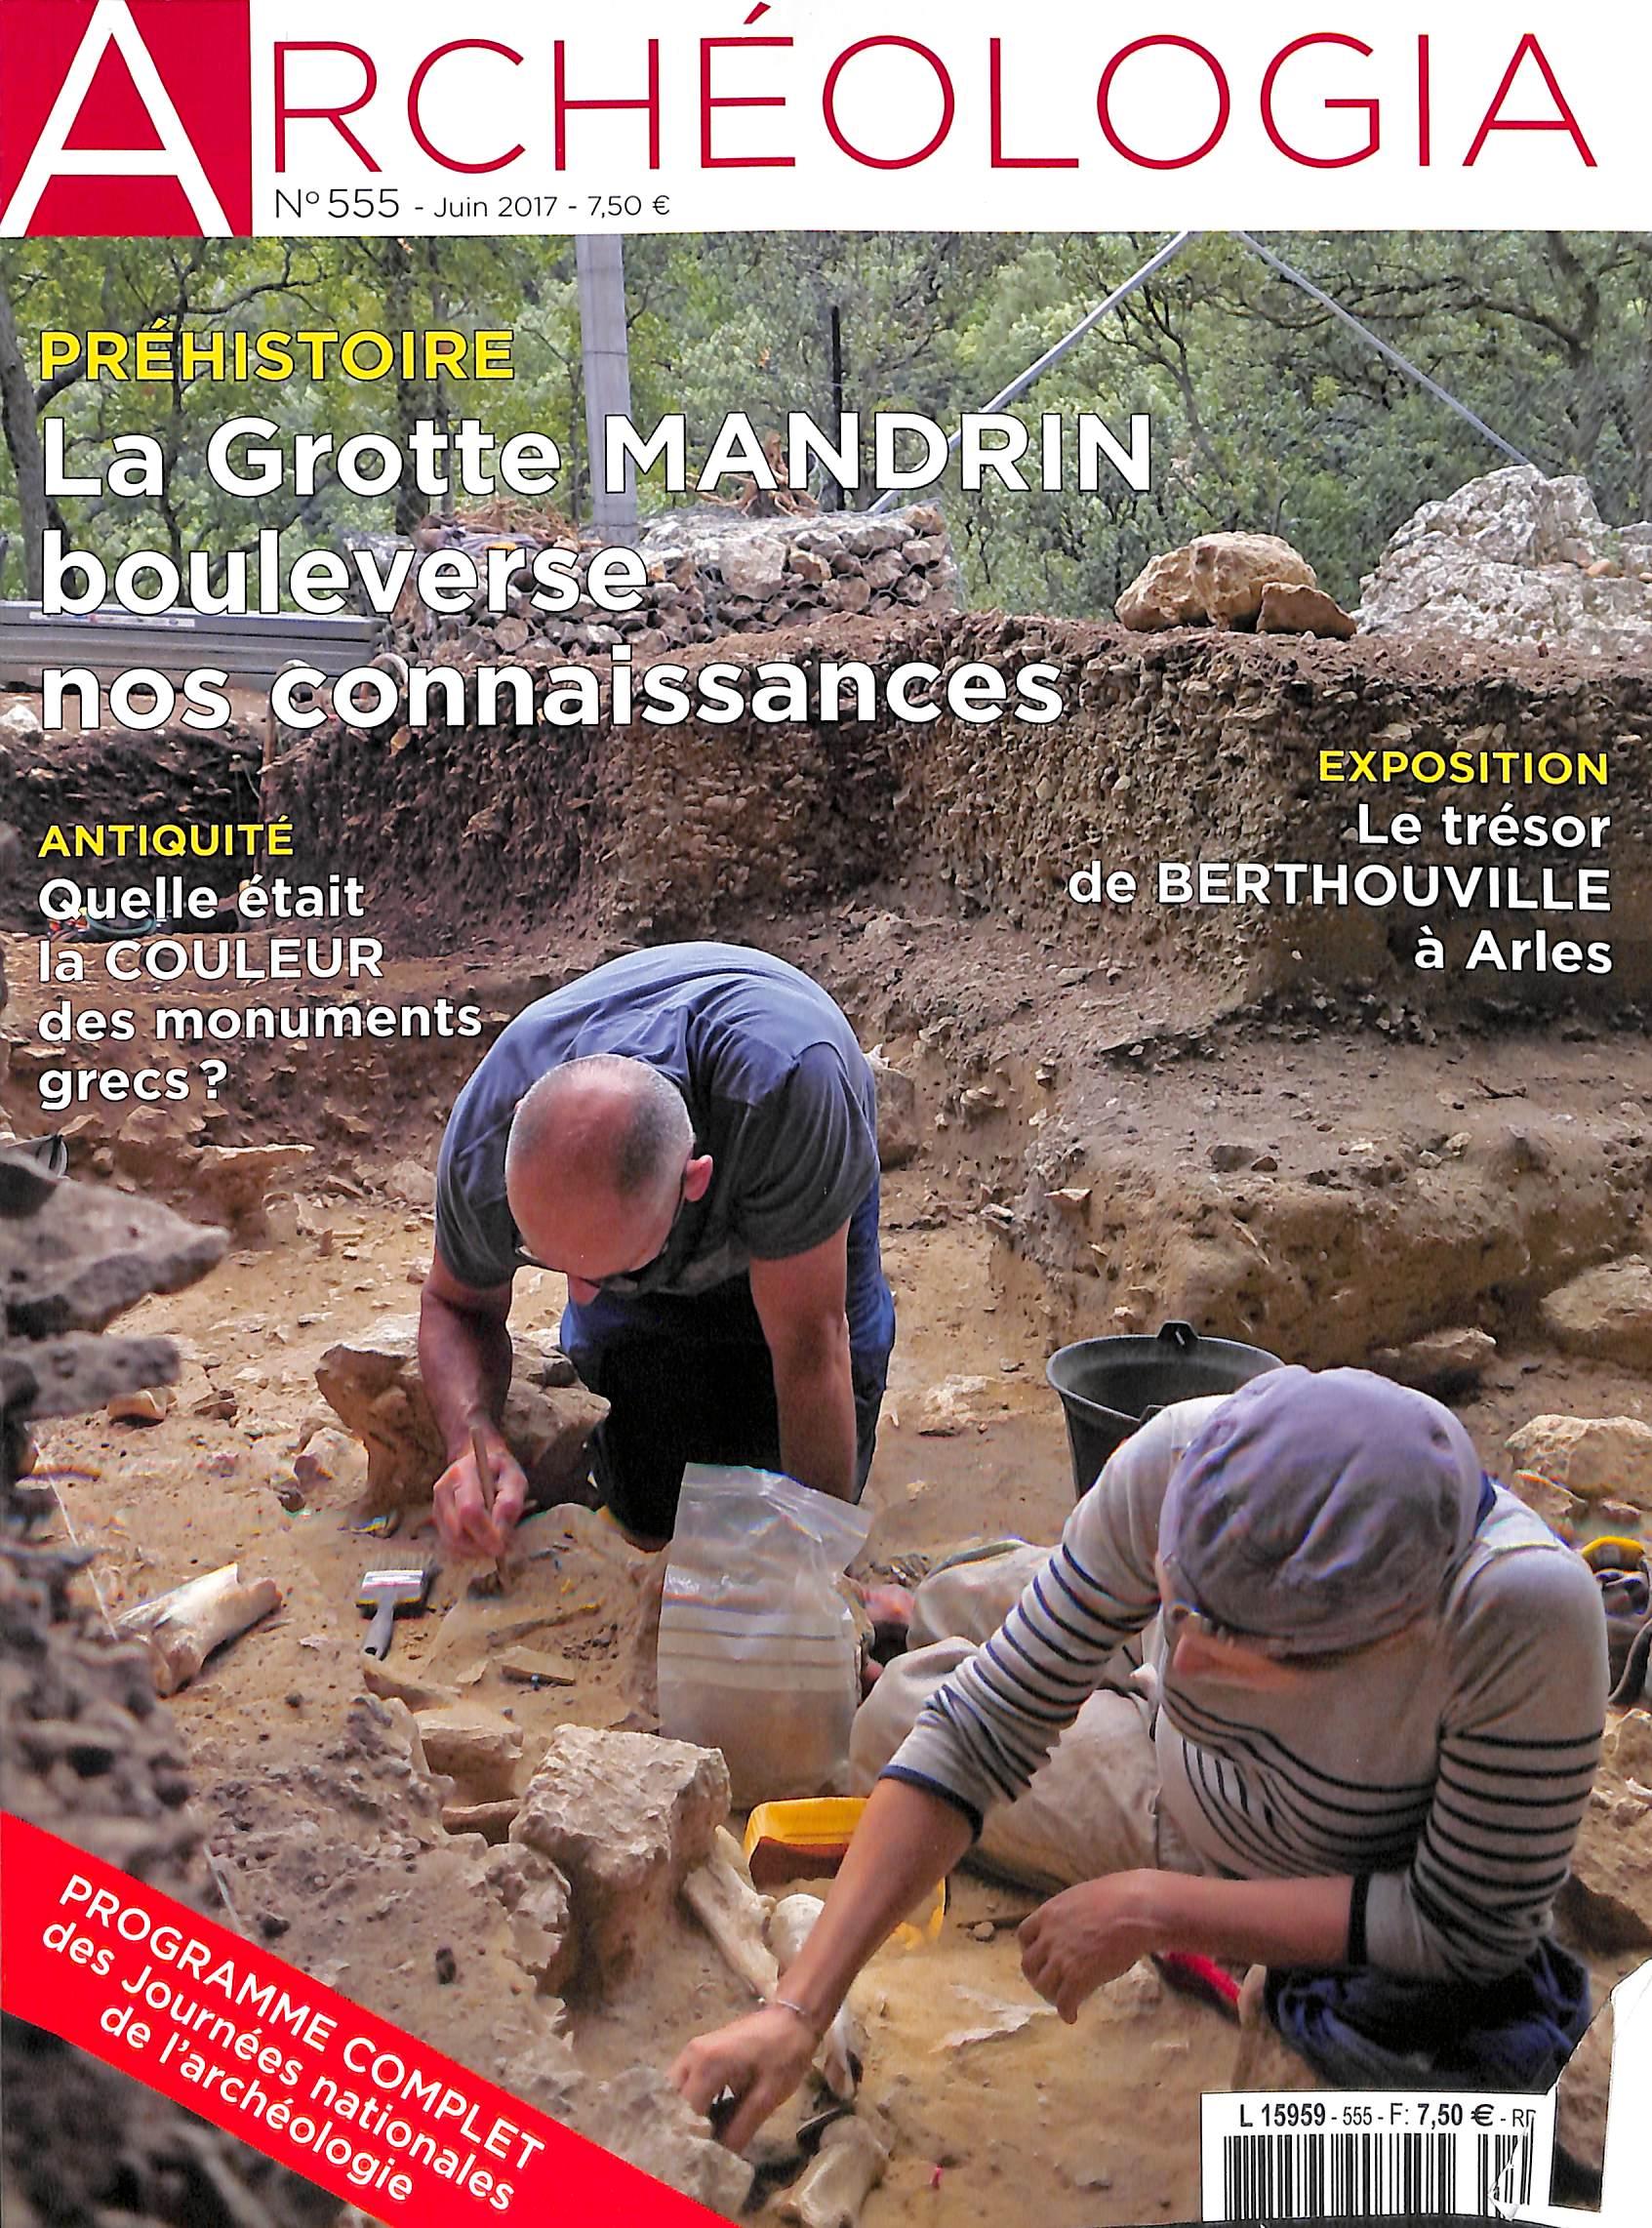 Archéologia N° 555 Juin 2017